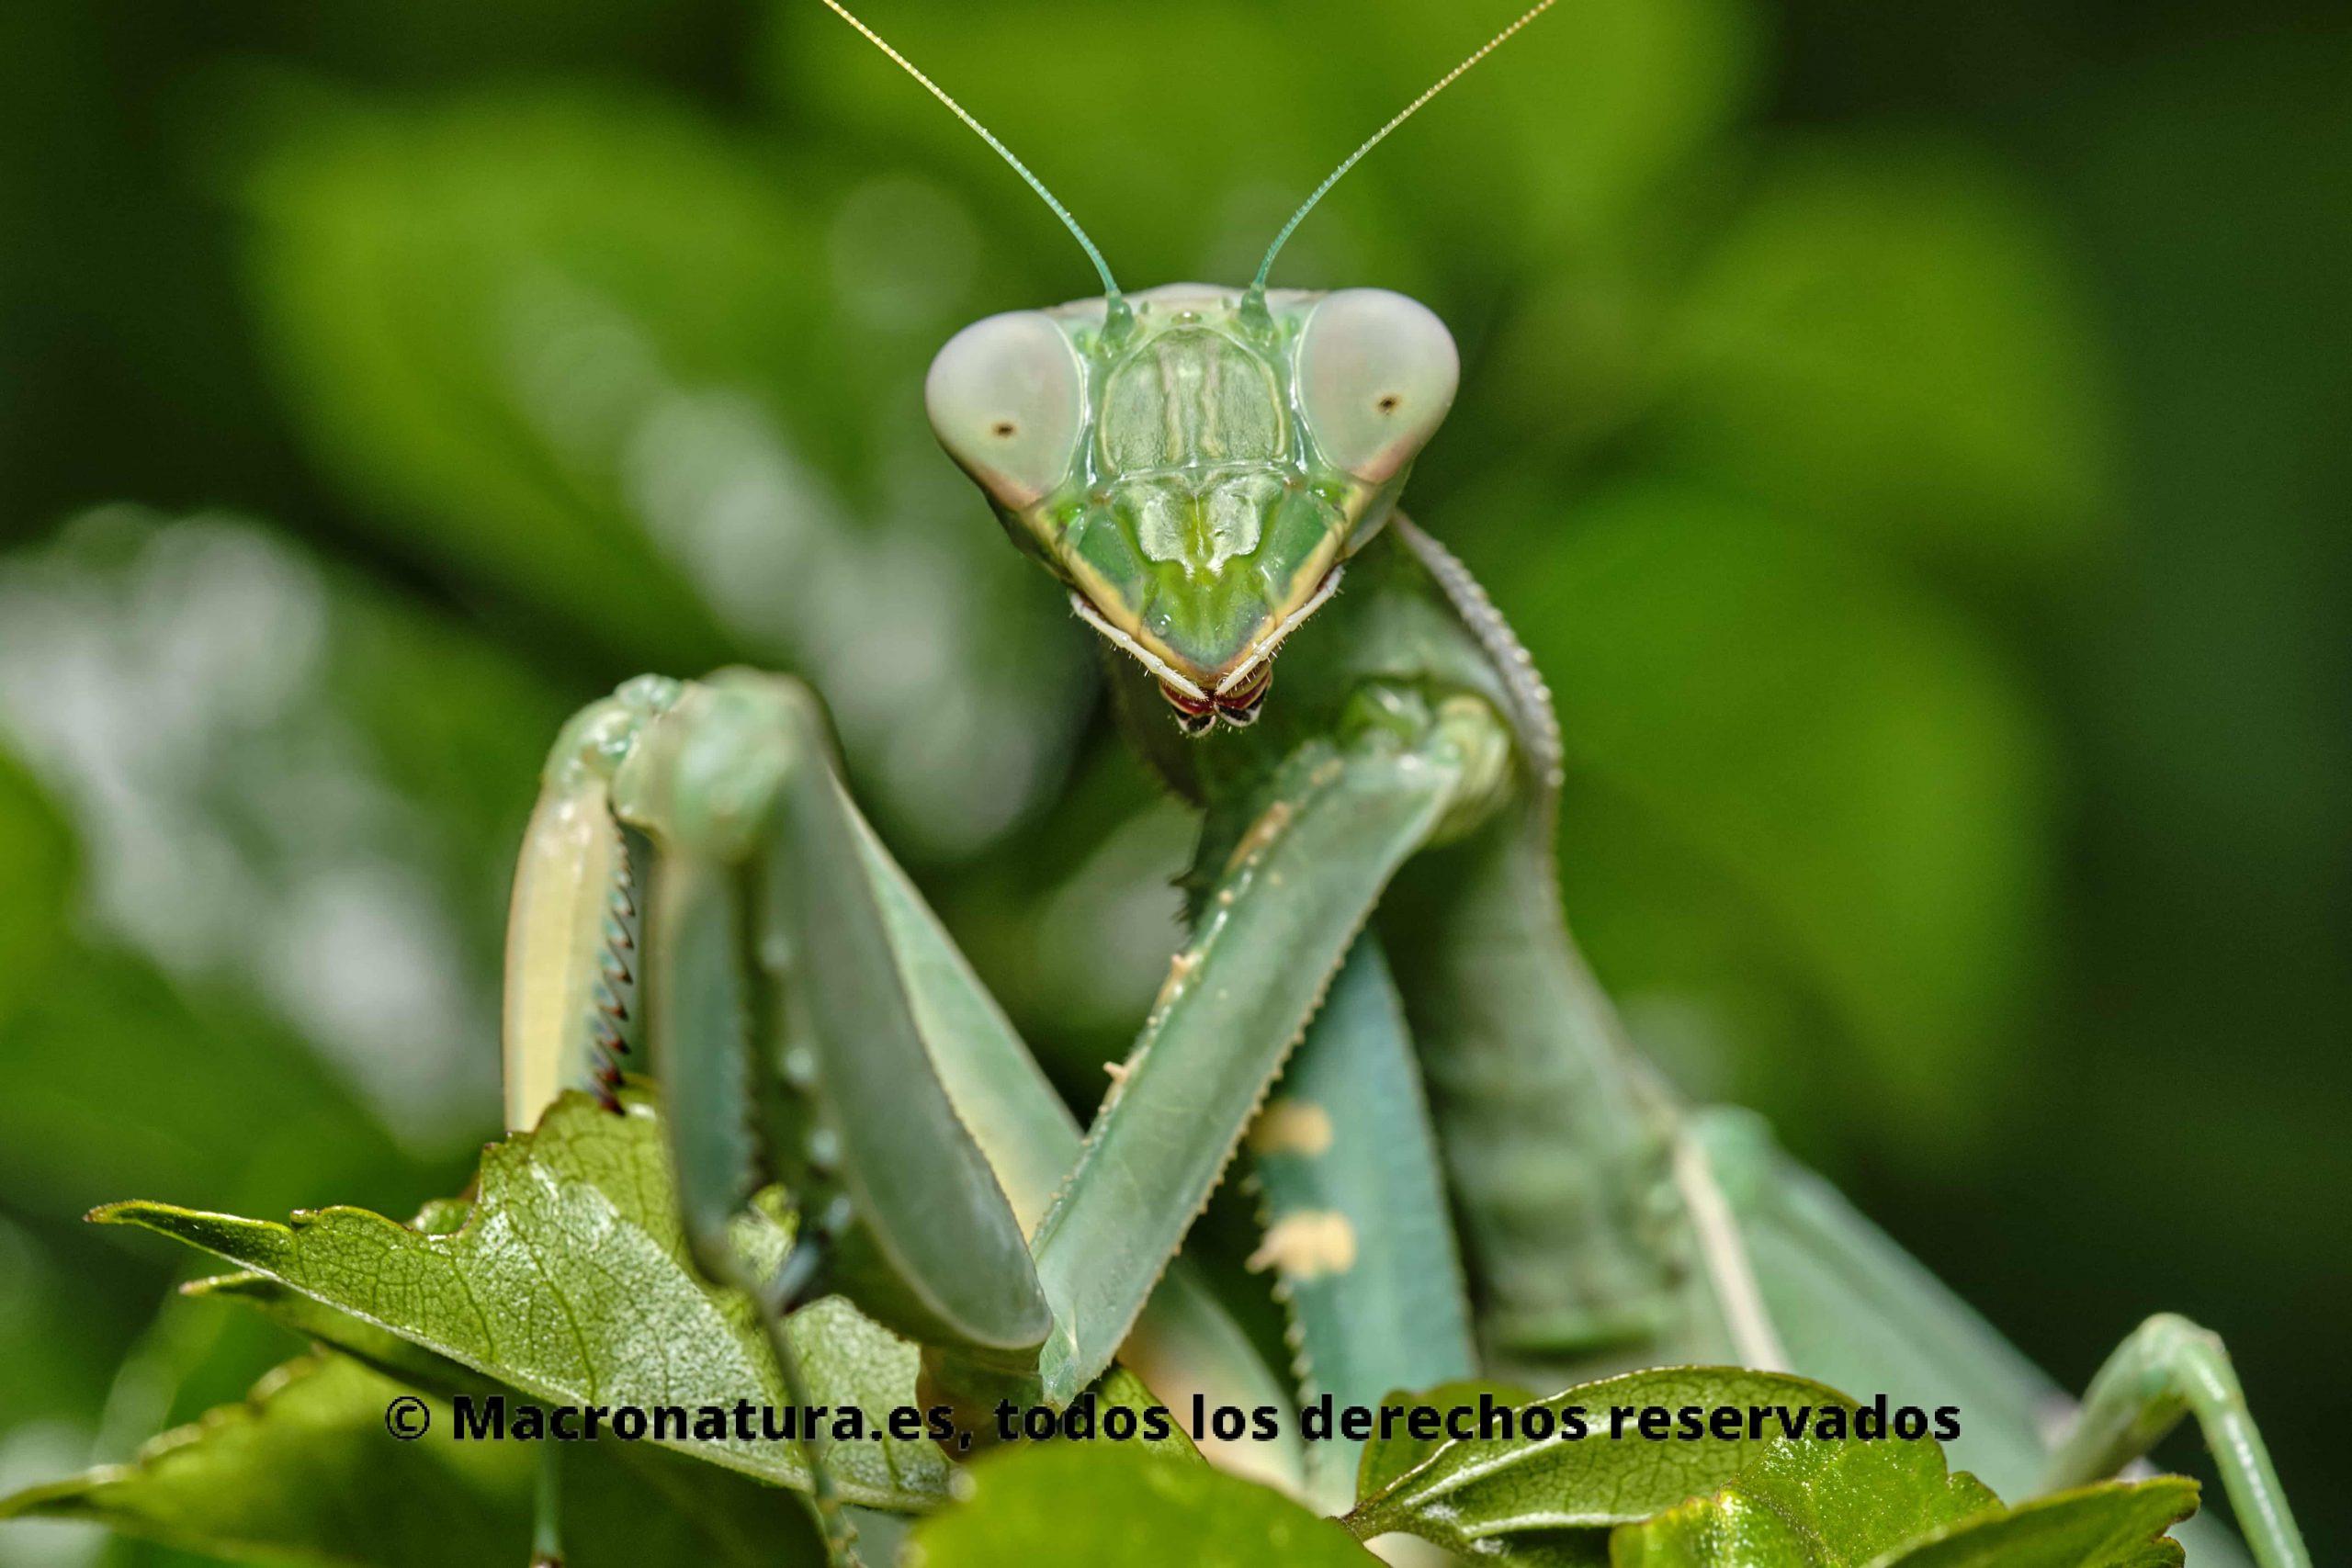 Sphodromantis viridis primer plano. Mirando a la cámara